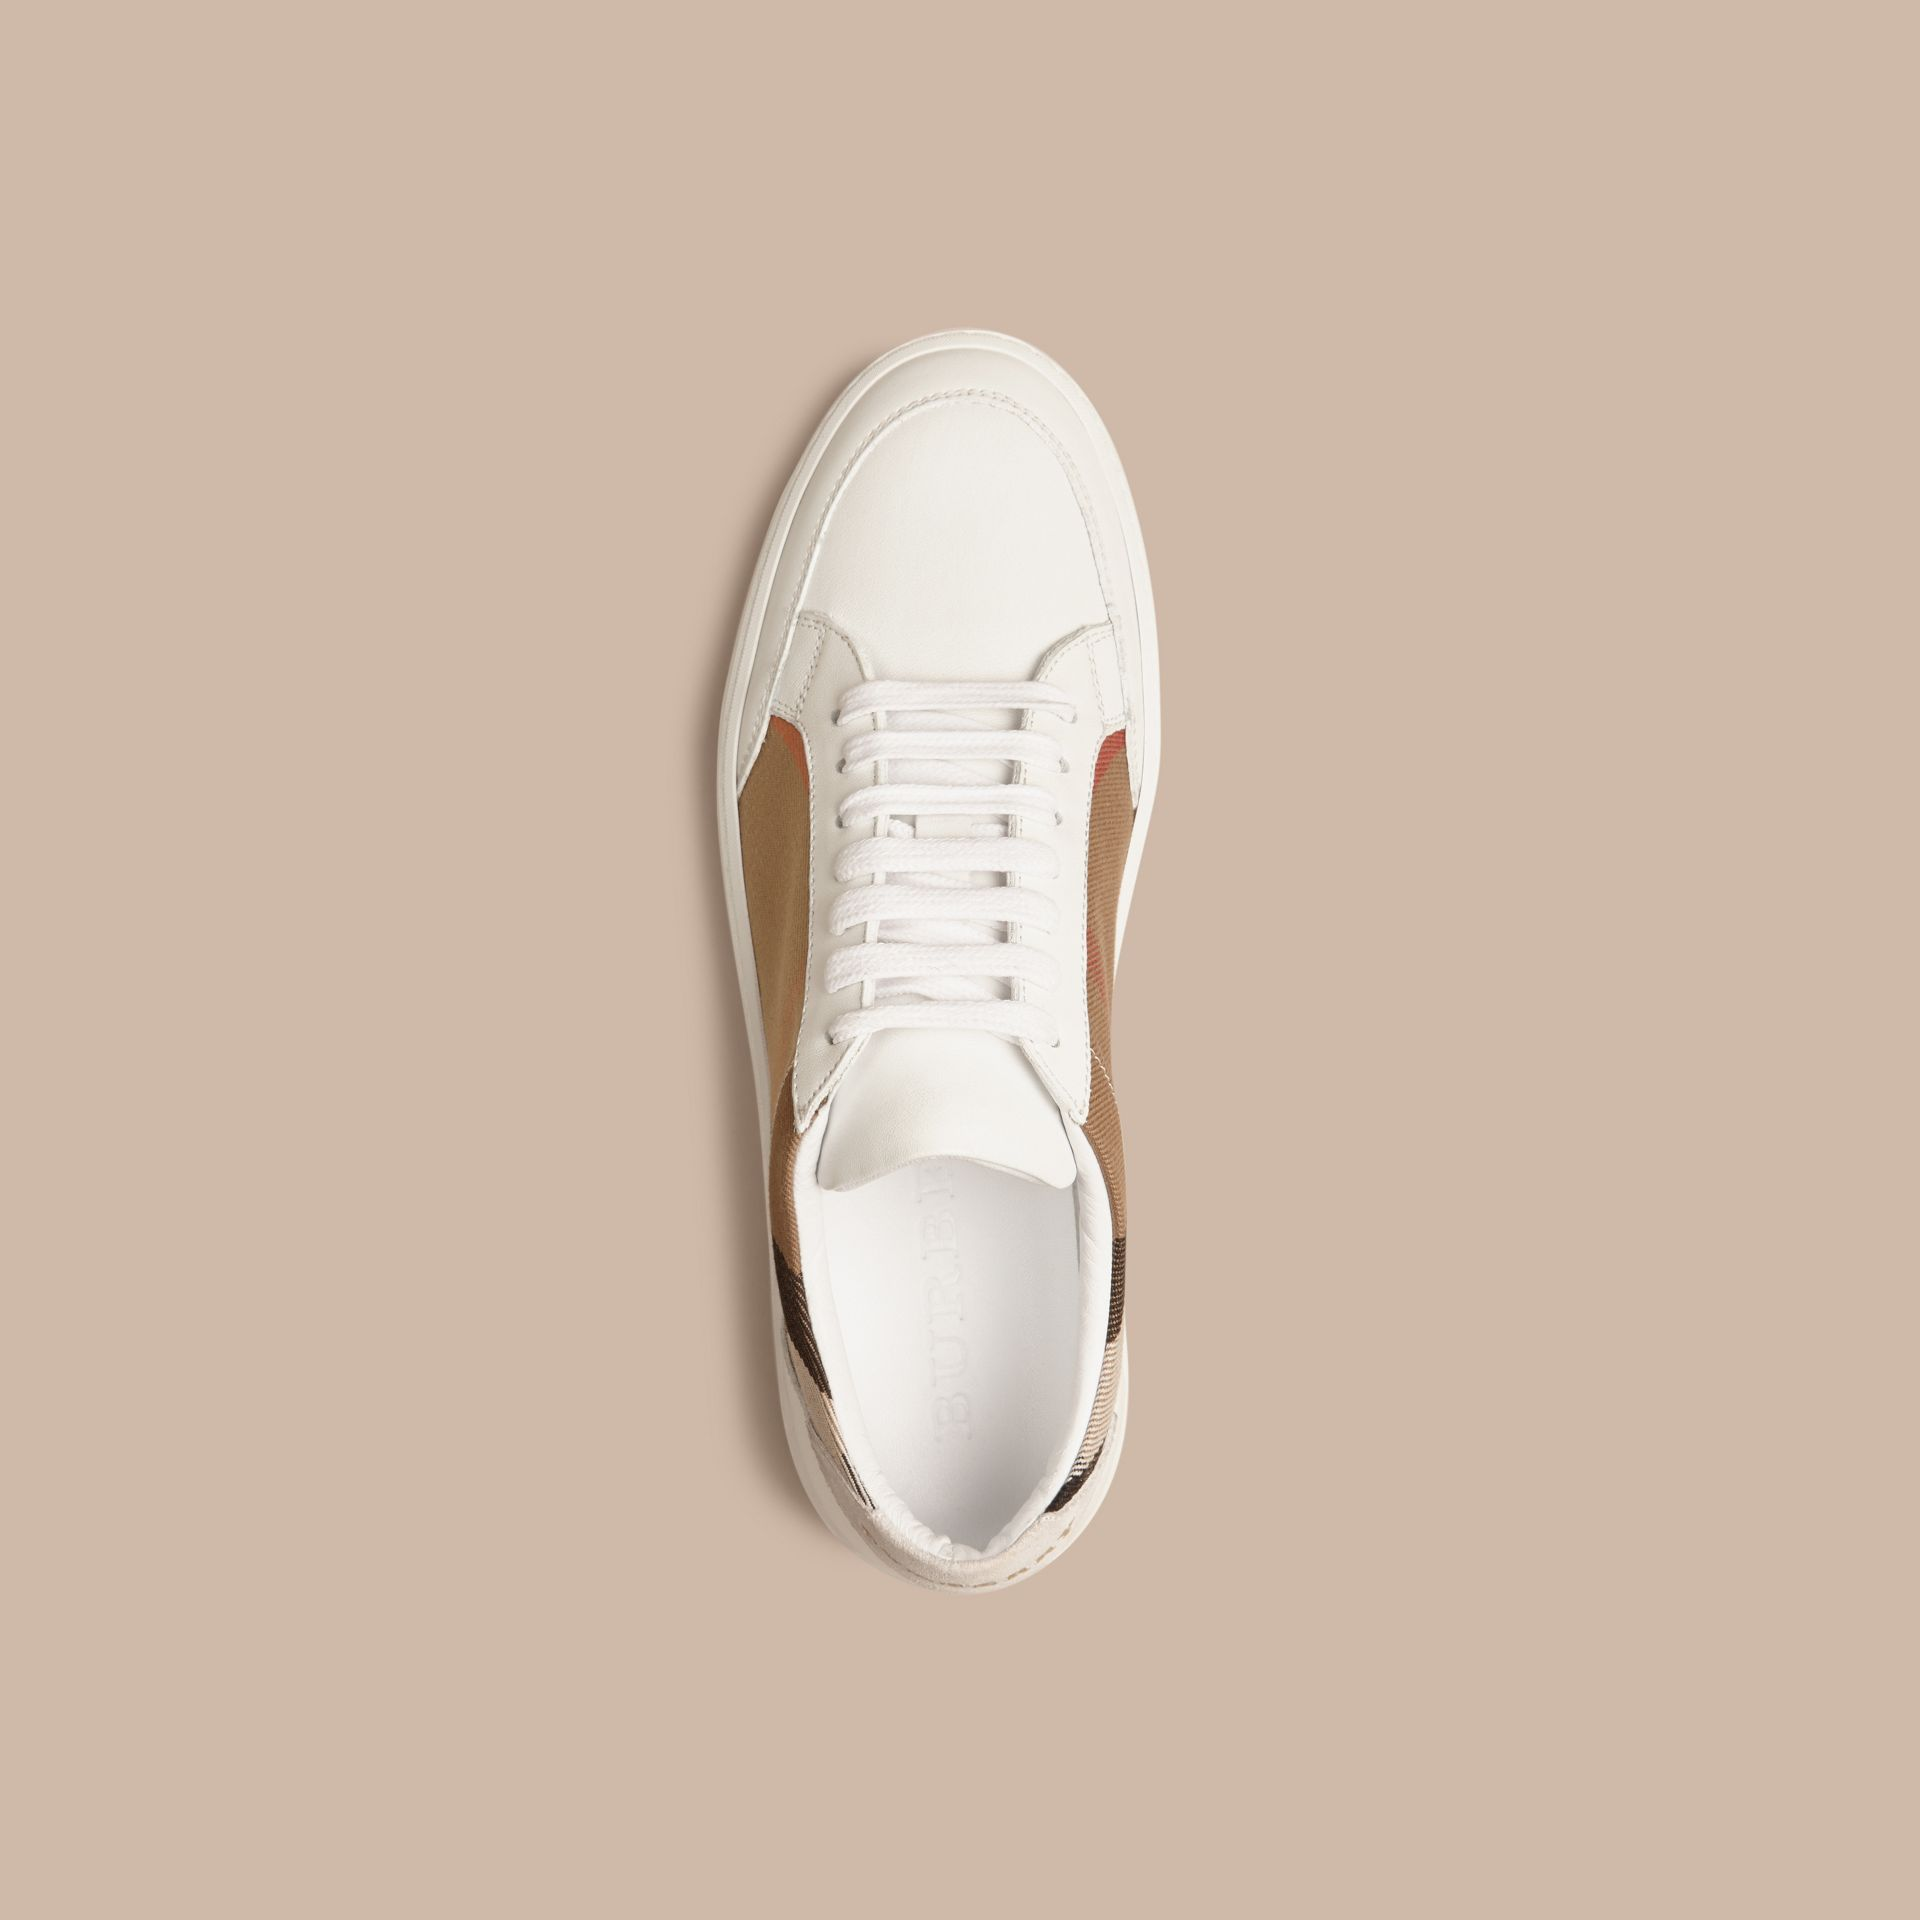 House check/bianco ottico Sneaker in pelle con dettagli check - immagine della galleria 3